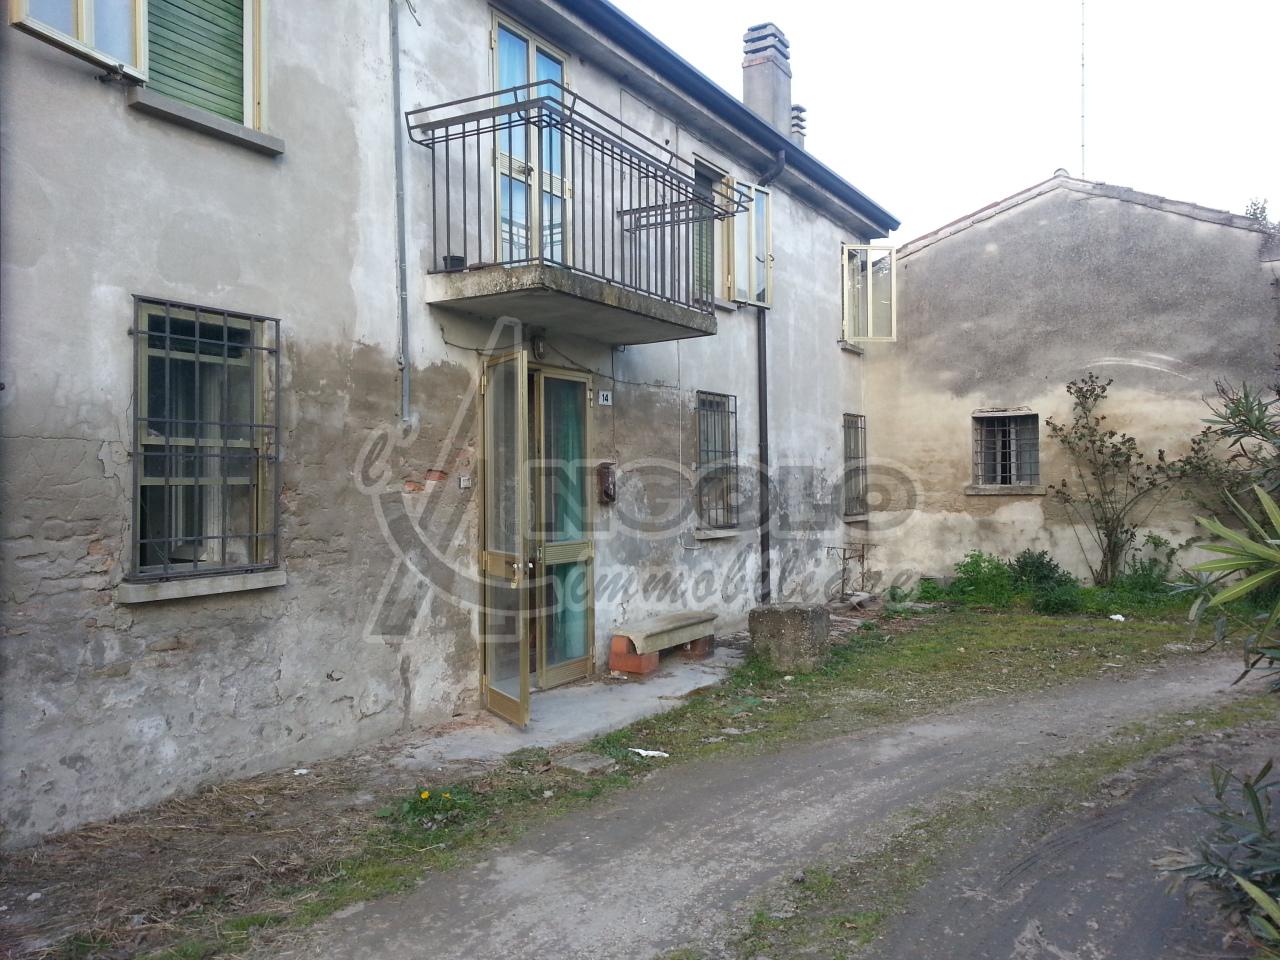 Rustico / Casale in vendita a Ro, 6 locali, prezzo € 38.000 | Cambio Casa.it